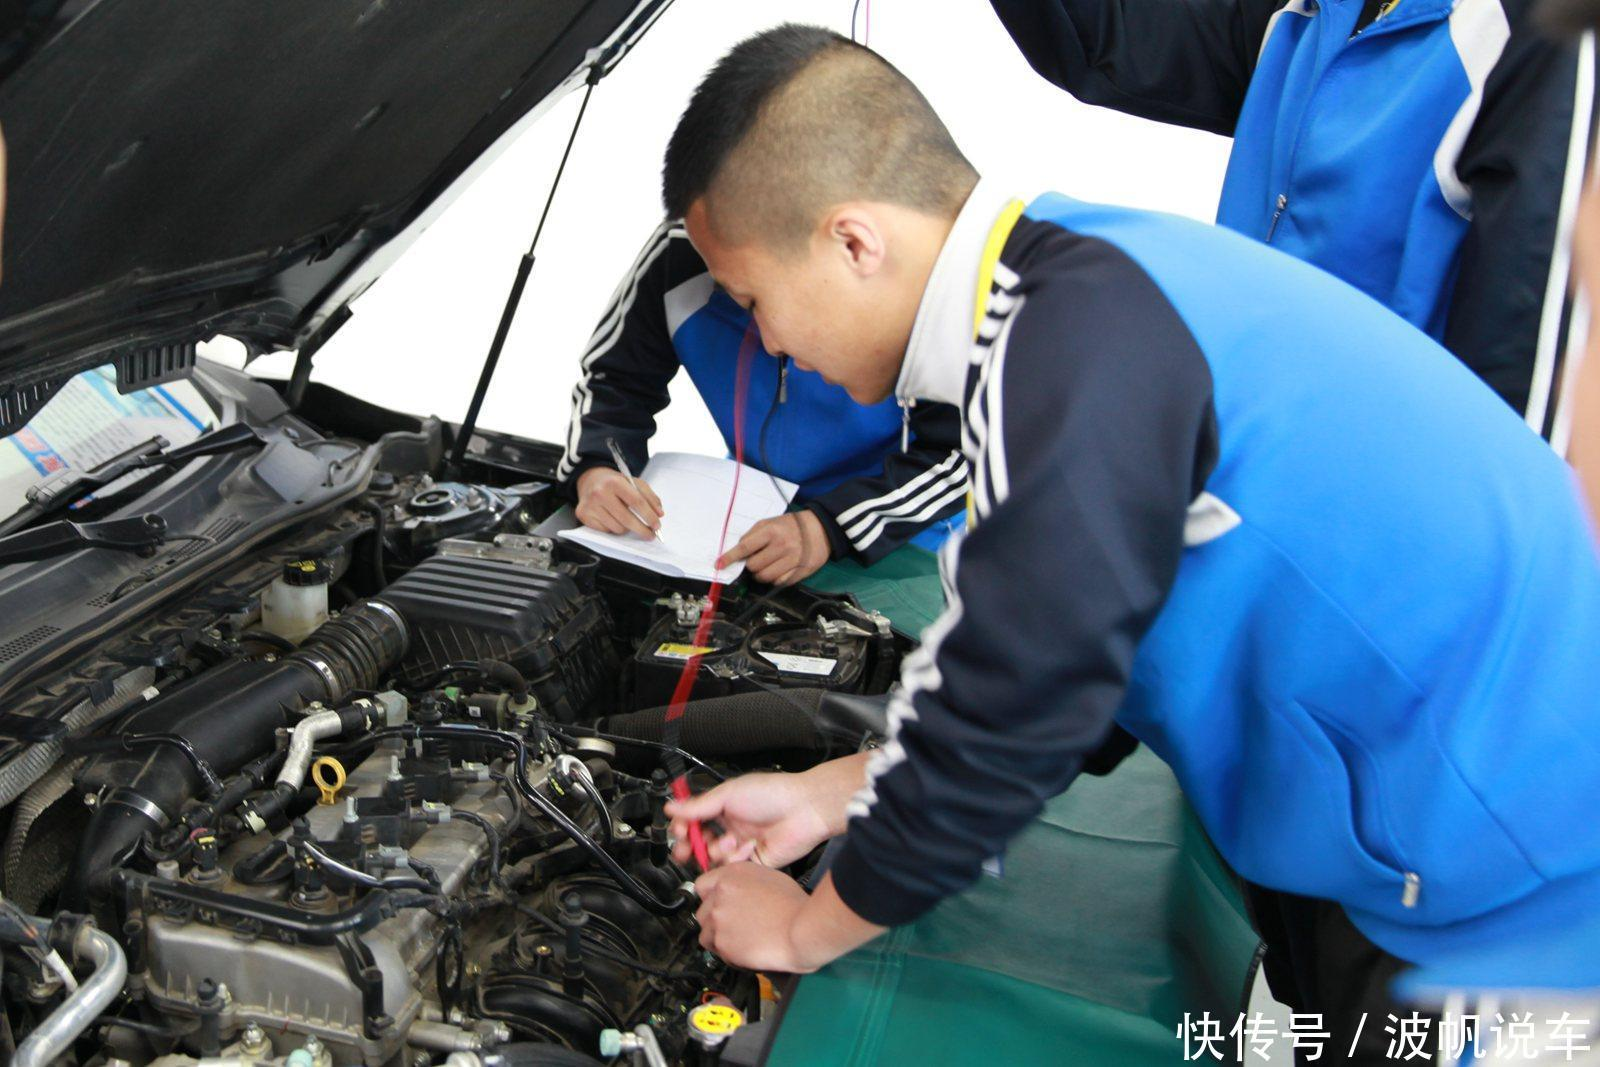 长城文胸车辆千万元价值及片式正式捐赠阜平县一背心汽车设备图片